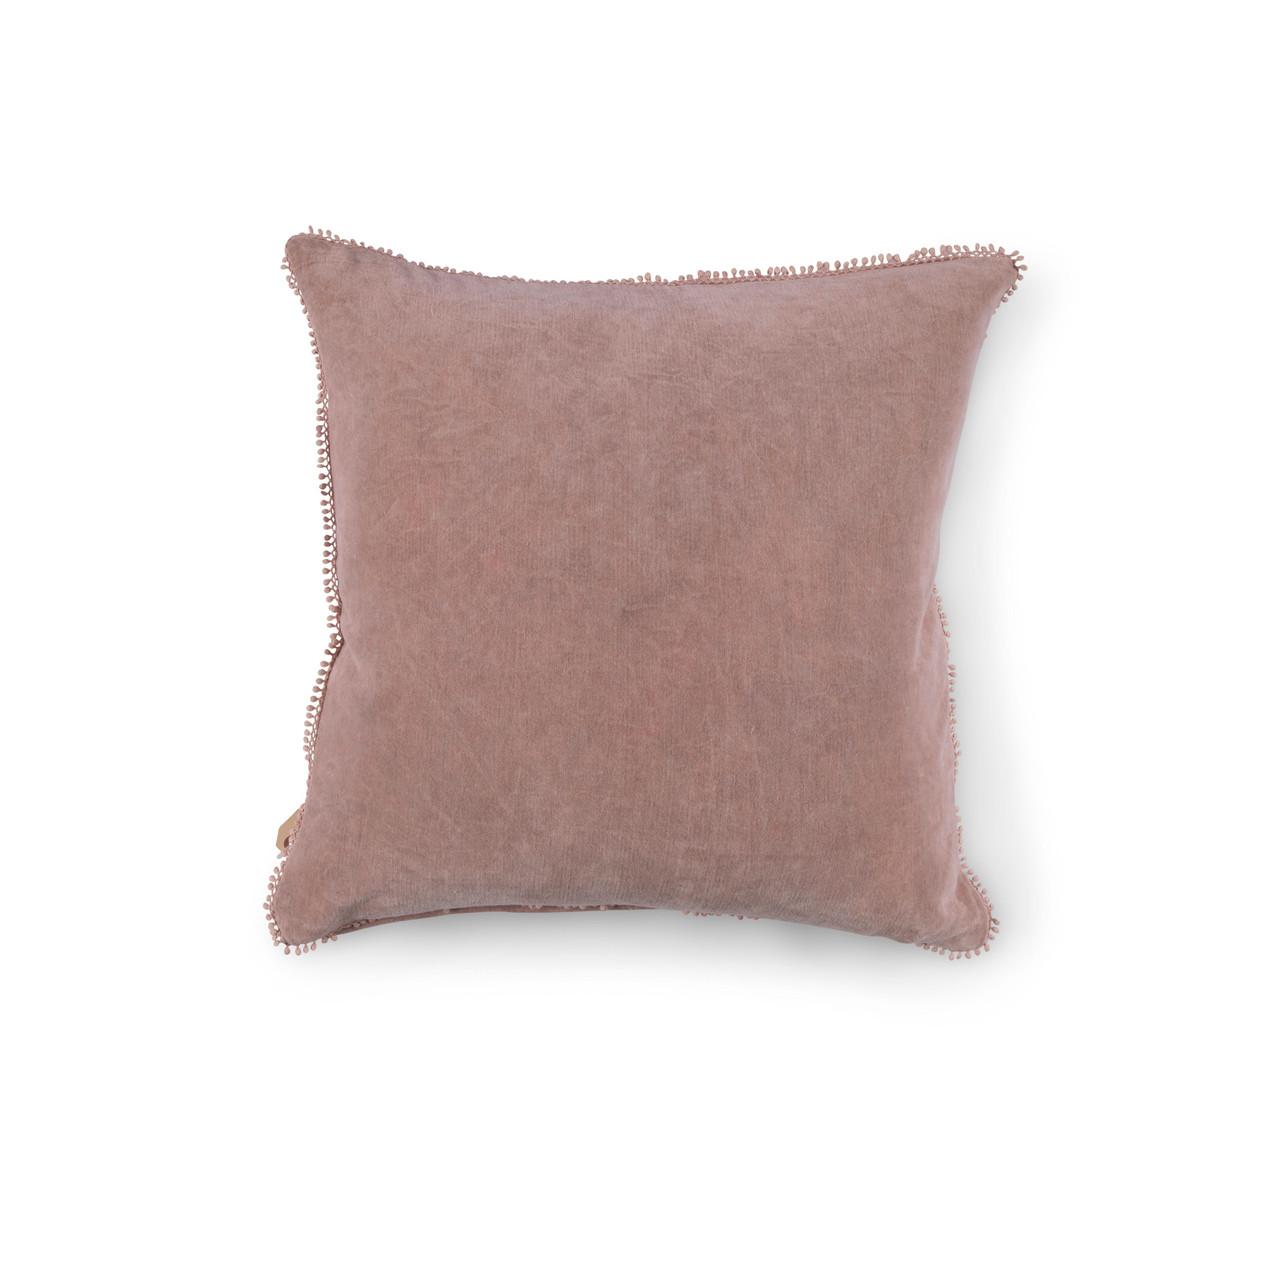 Blush Velvet Pillow With Poms